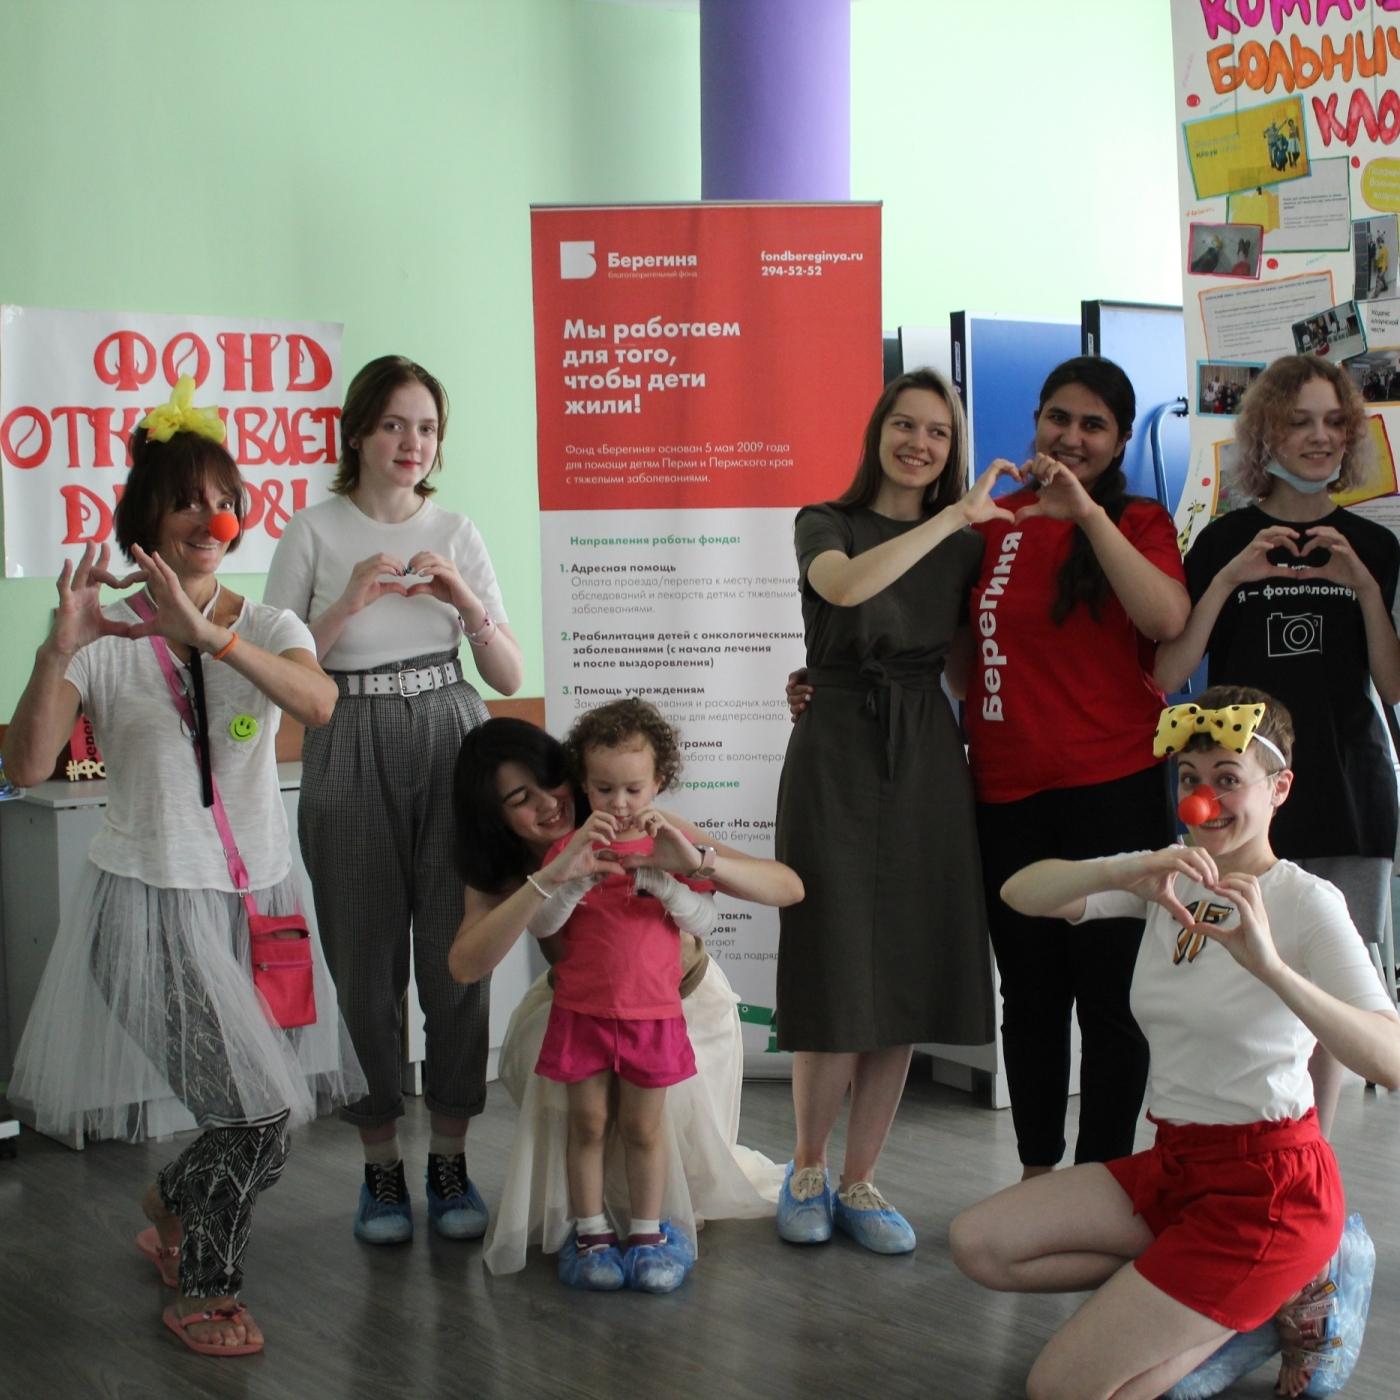 16 июня состоялся день открытых дверей благотворительного фонда «Берегиня».